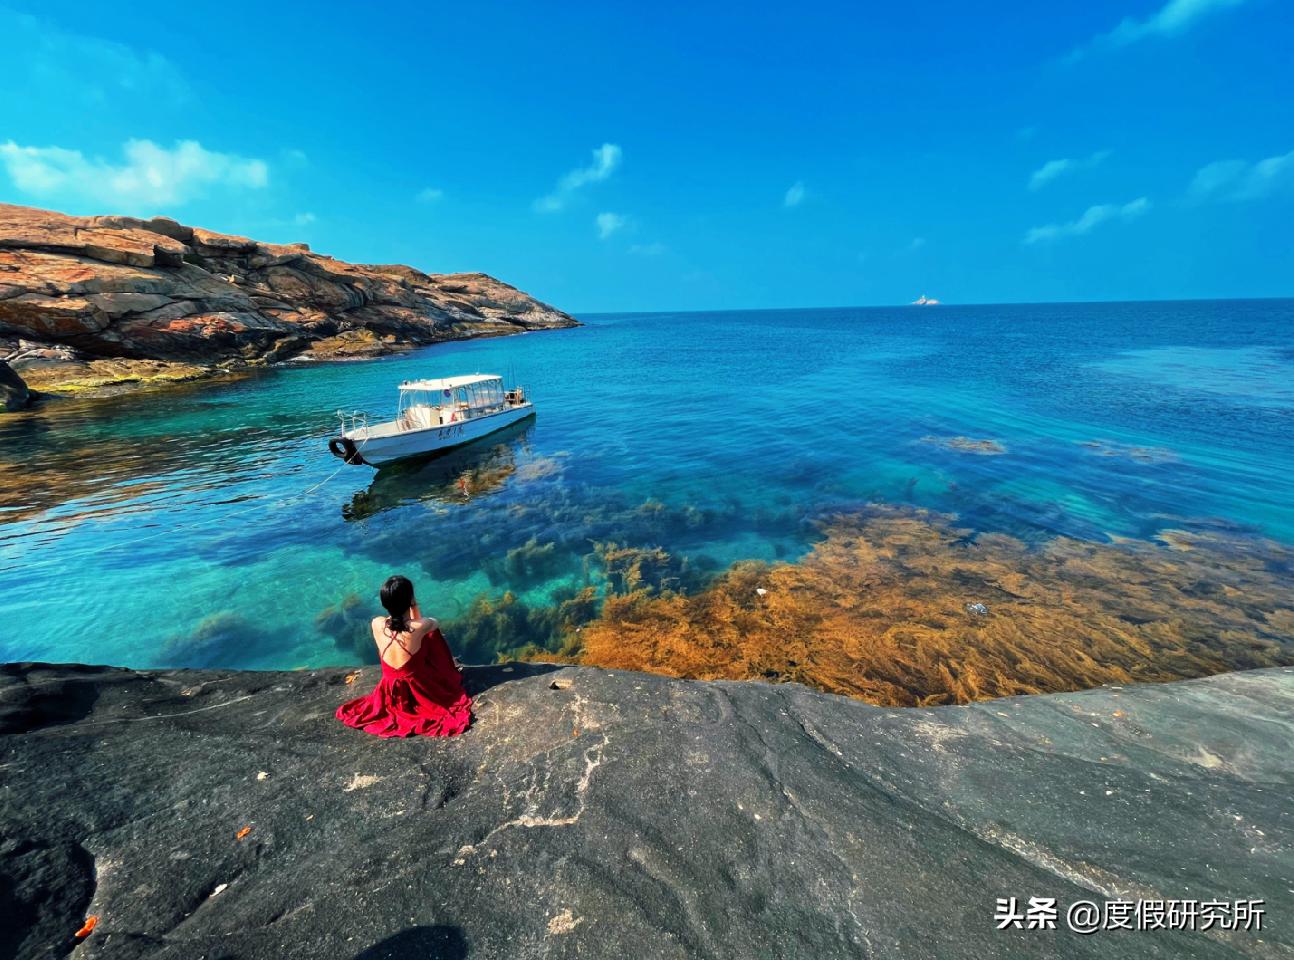 海水清得离谱,游人屈指可数!广东最像马尔代夫的五个不知名海湾